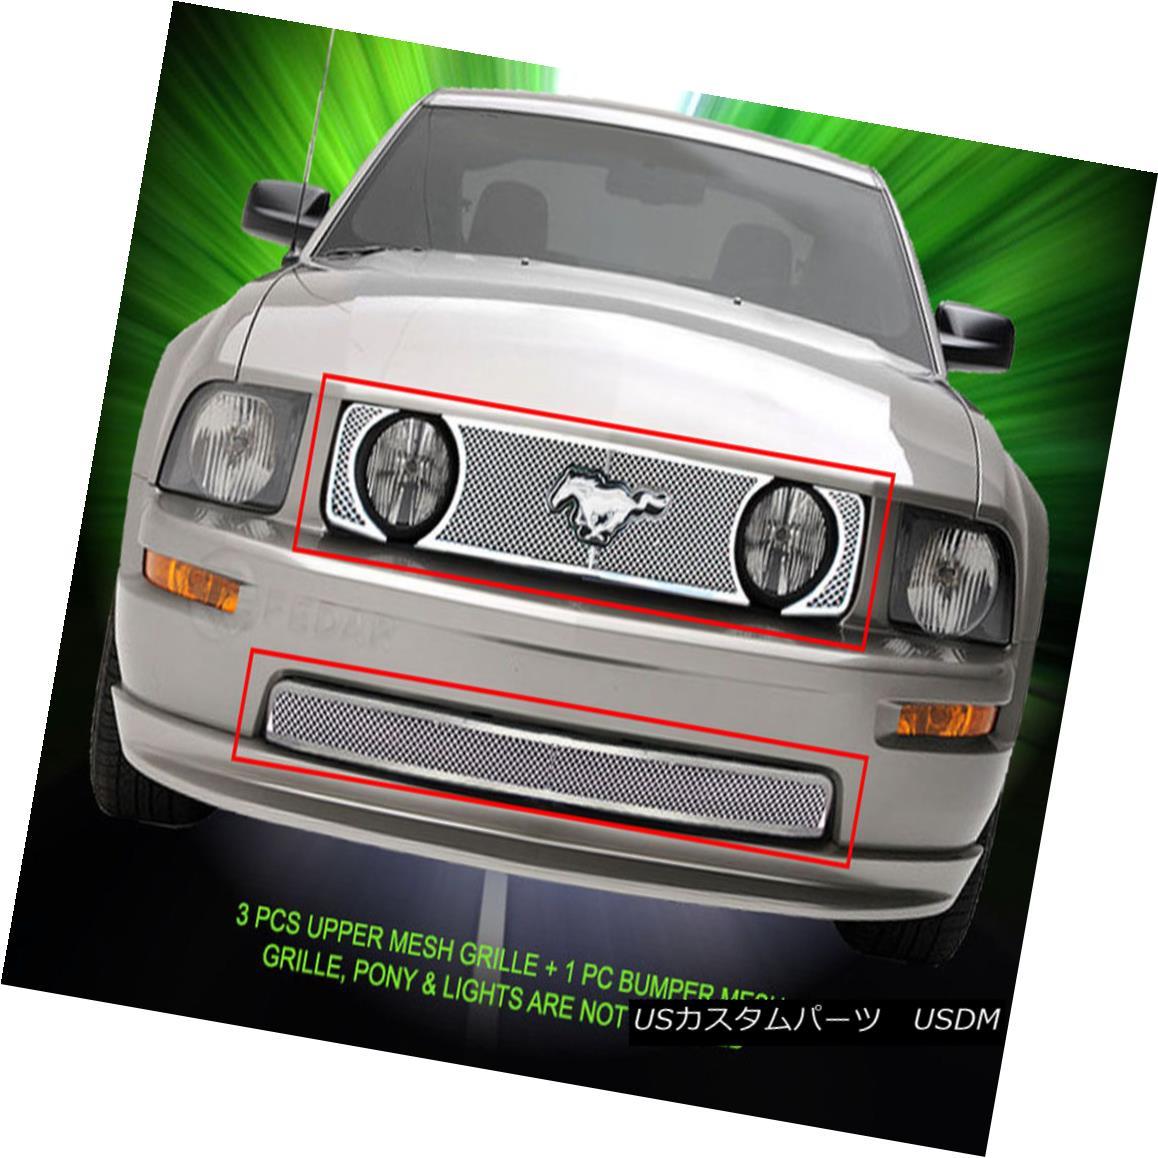 グリル for 05-09 Ford Mustang V8 GT Stainless Steel Mesh Grille Combo Insert Fedar 05-09 Ford Mustang V8 GTステンレスメッシュグリルコンボインサートFedar